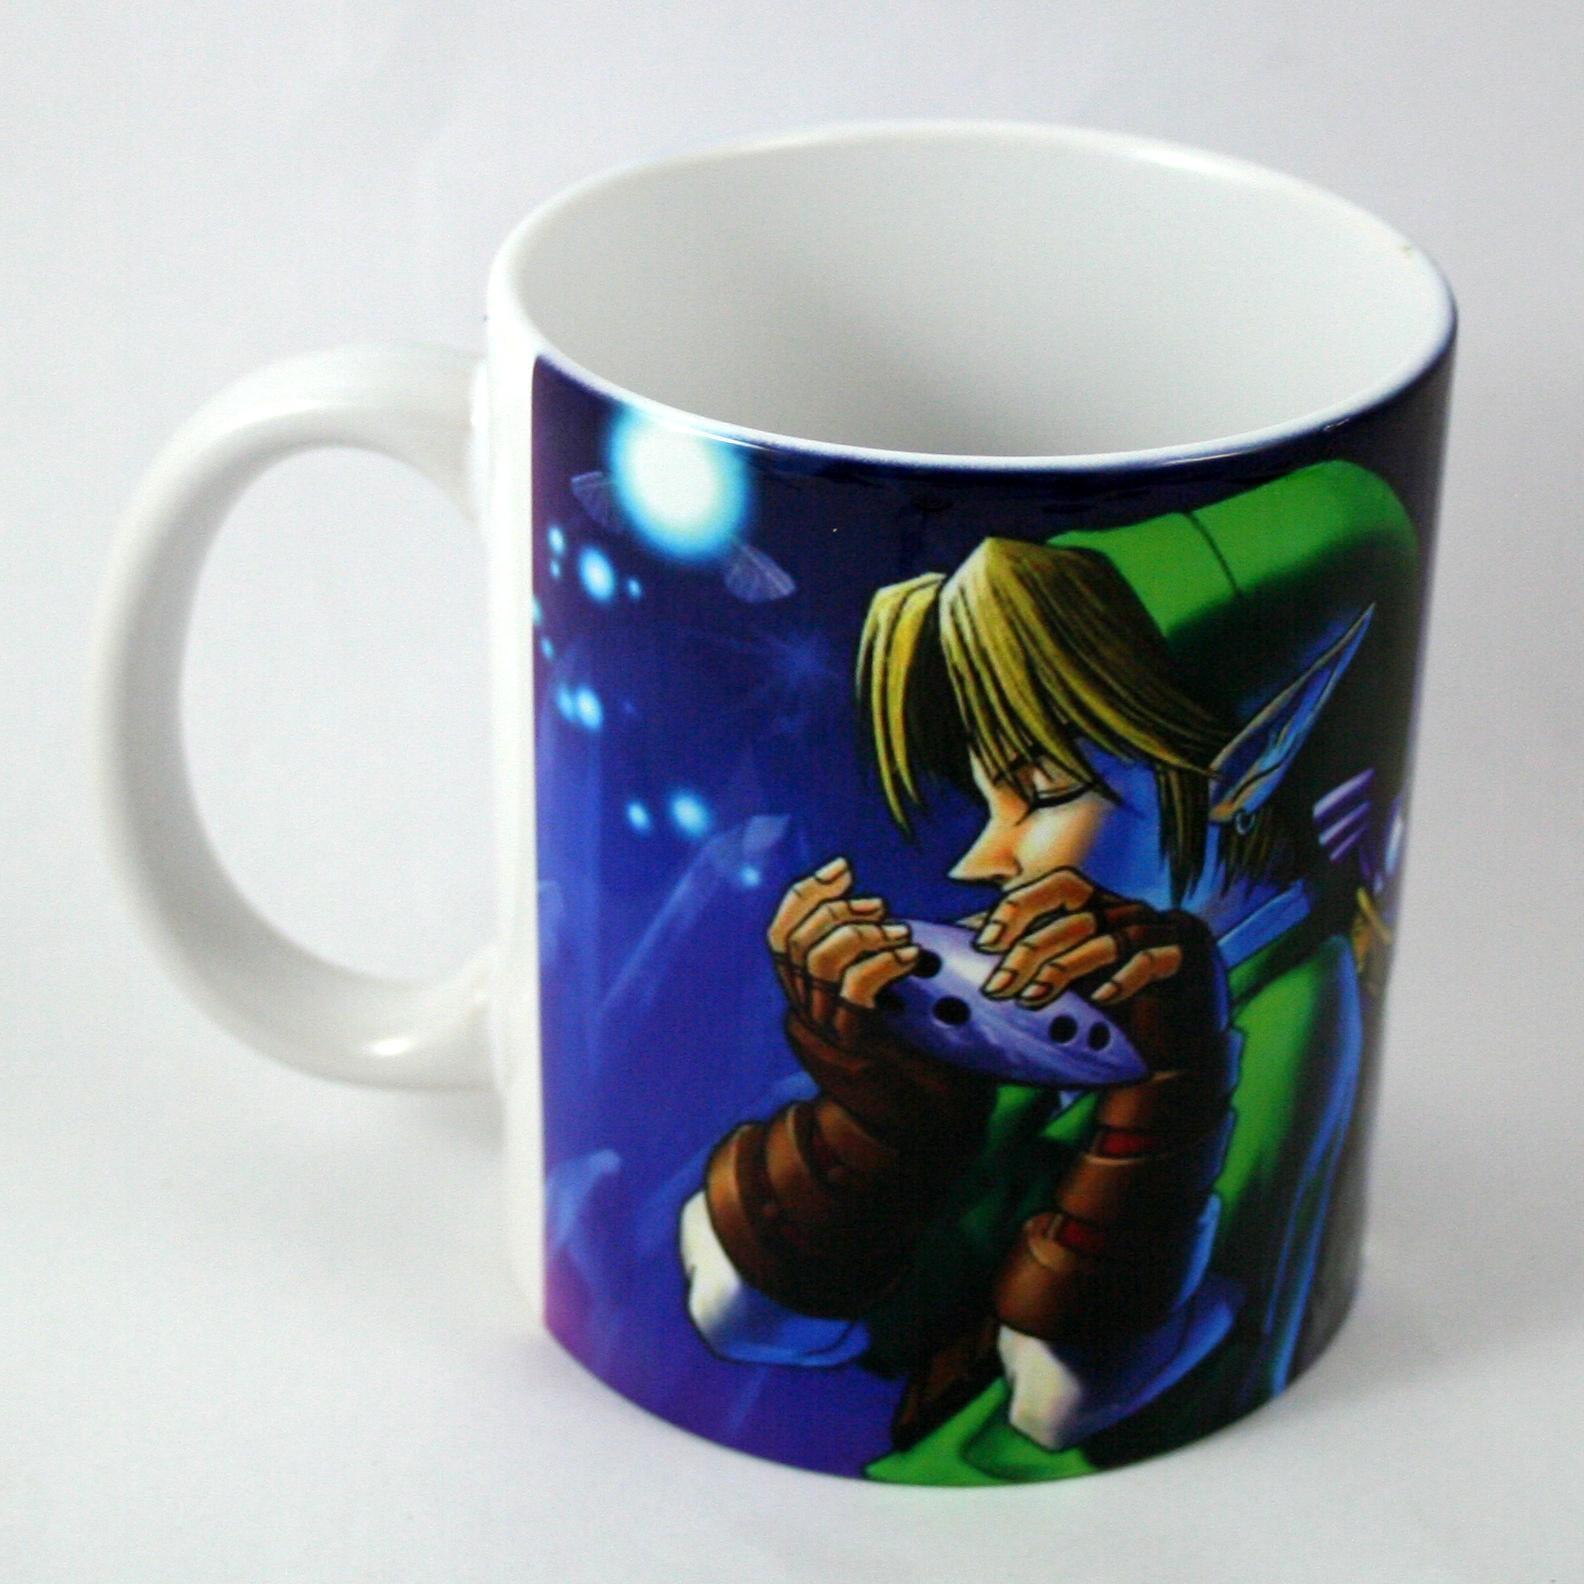 Taza y Llavero Zelda Ocarina of Time